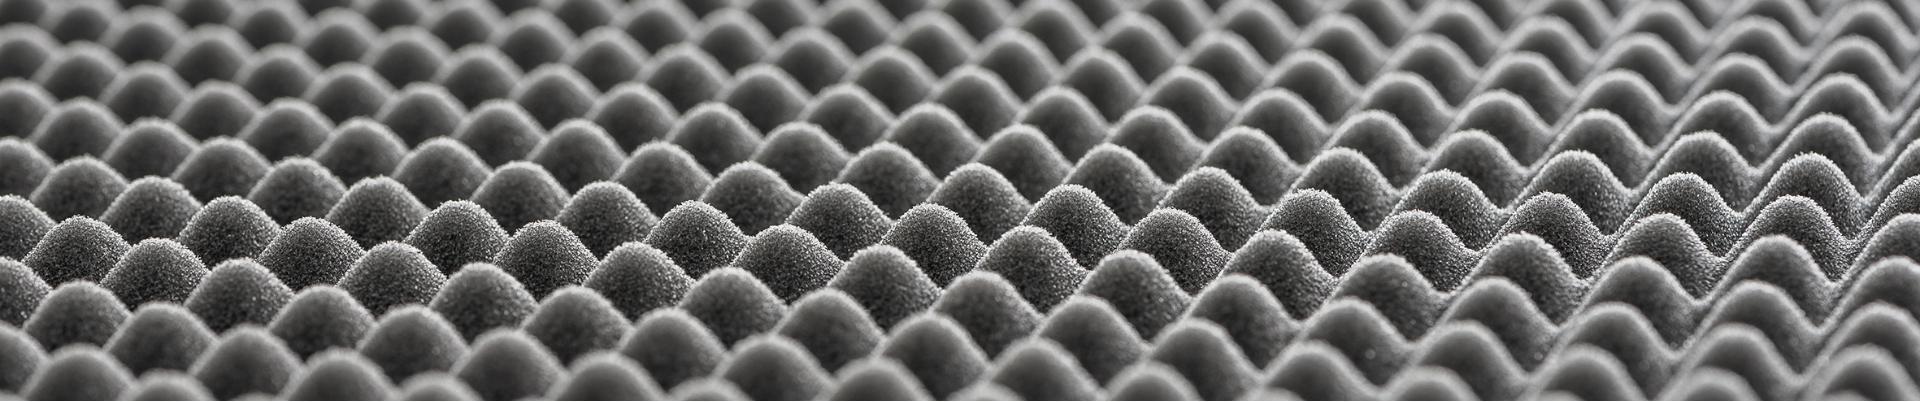 Soundproofing Foam Texture